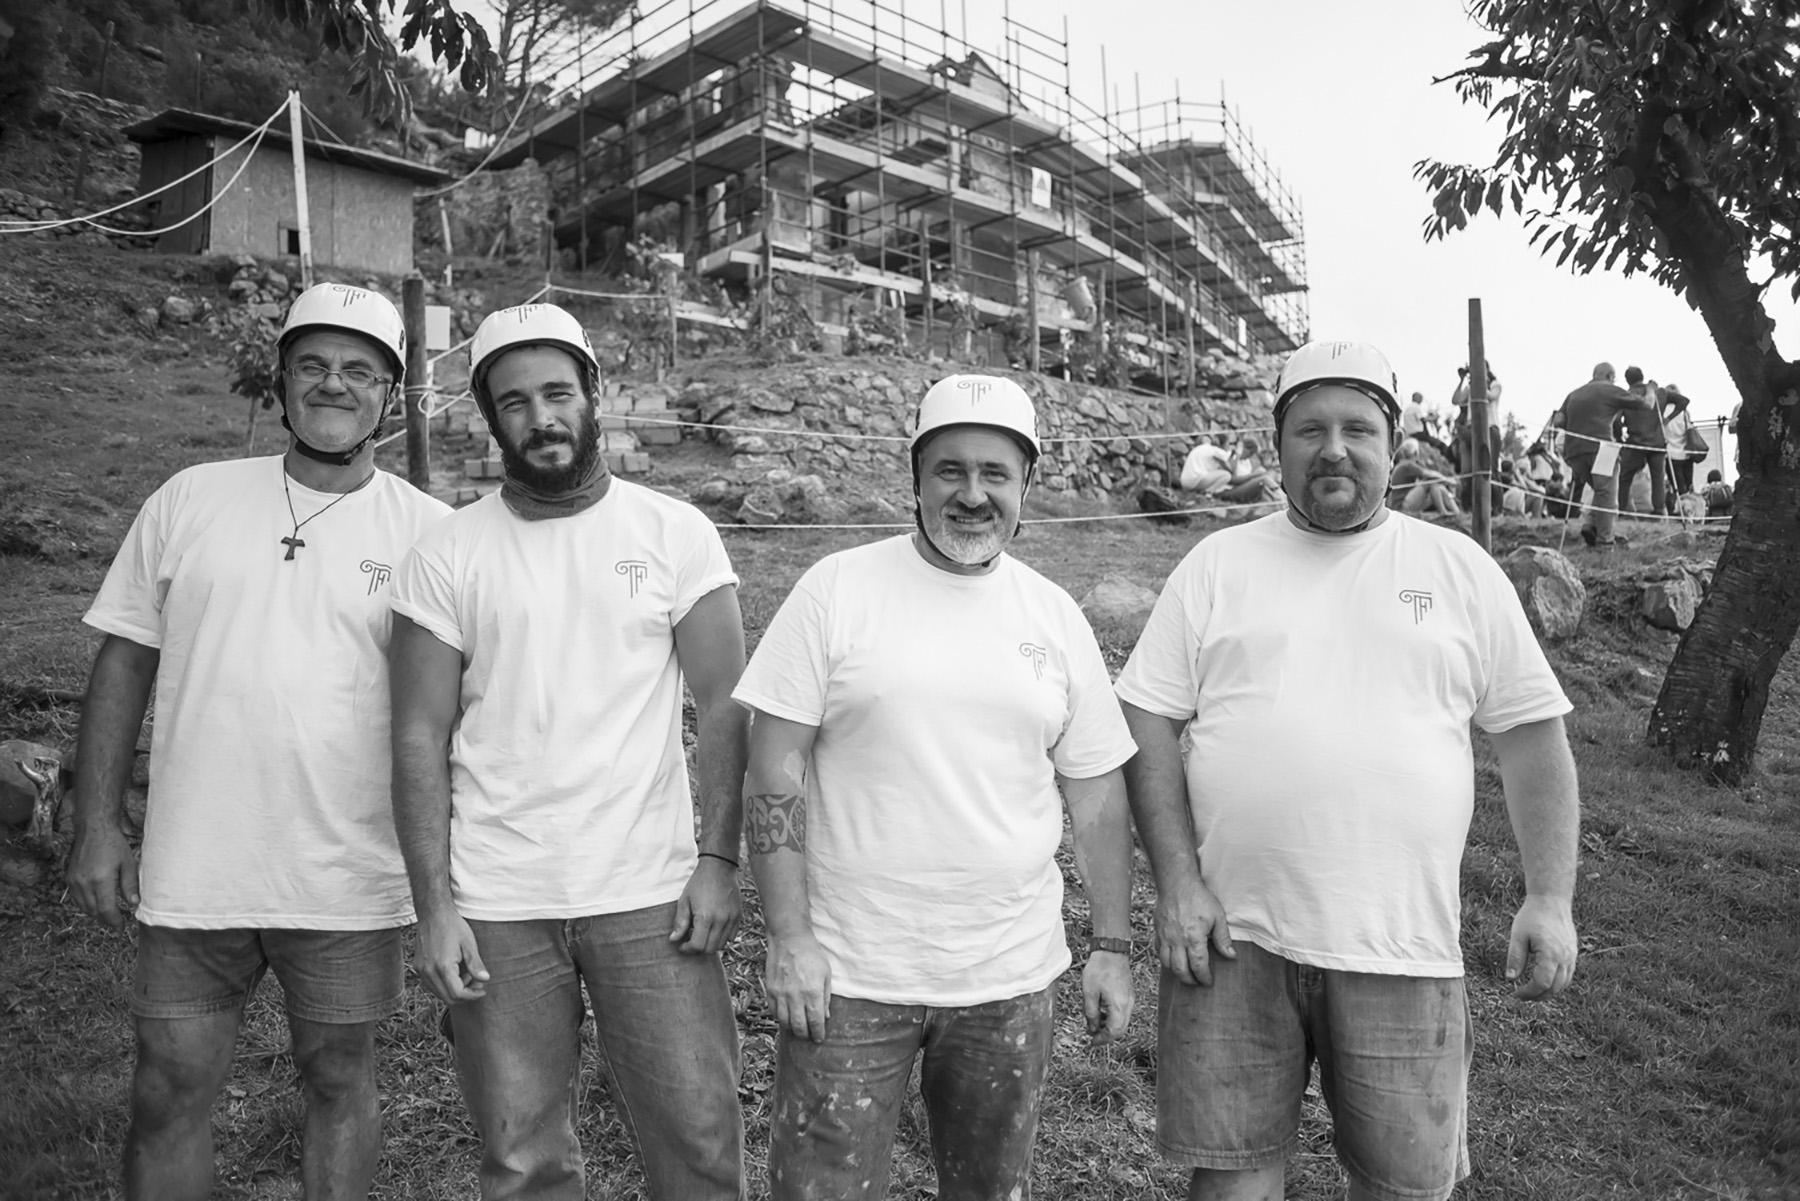 Formento Restauri, ditta edile di Finale Ligure, ha maestranze competenti e preparate e garantisce interventi di restauro in piena sicurezza per i suoi operai e per gli edifici su cui si interviene.